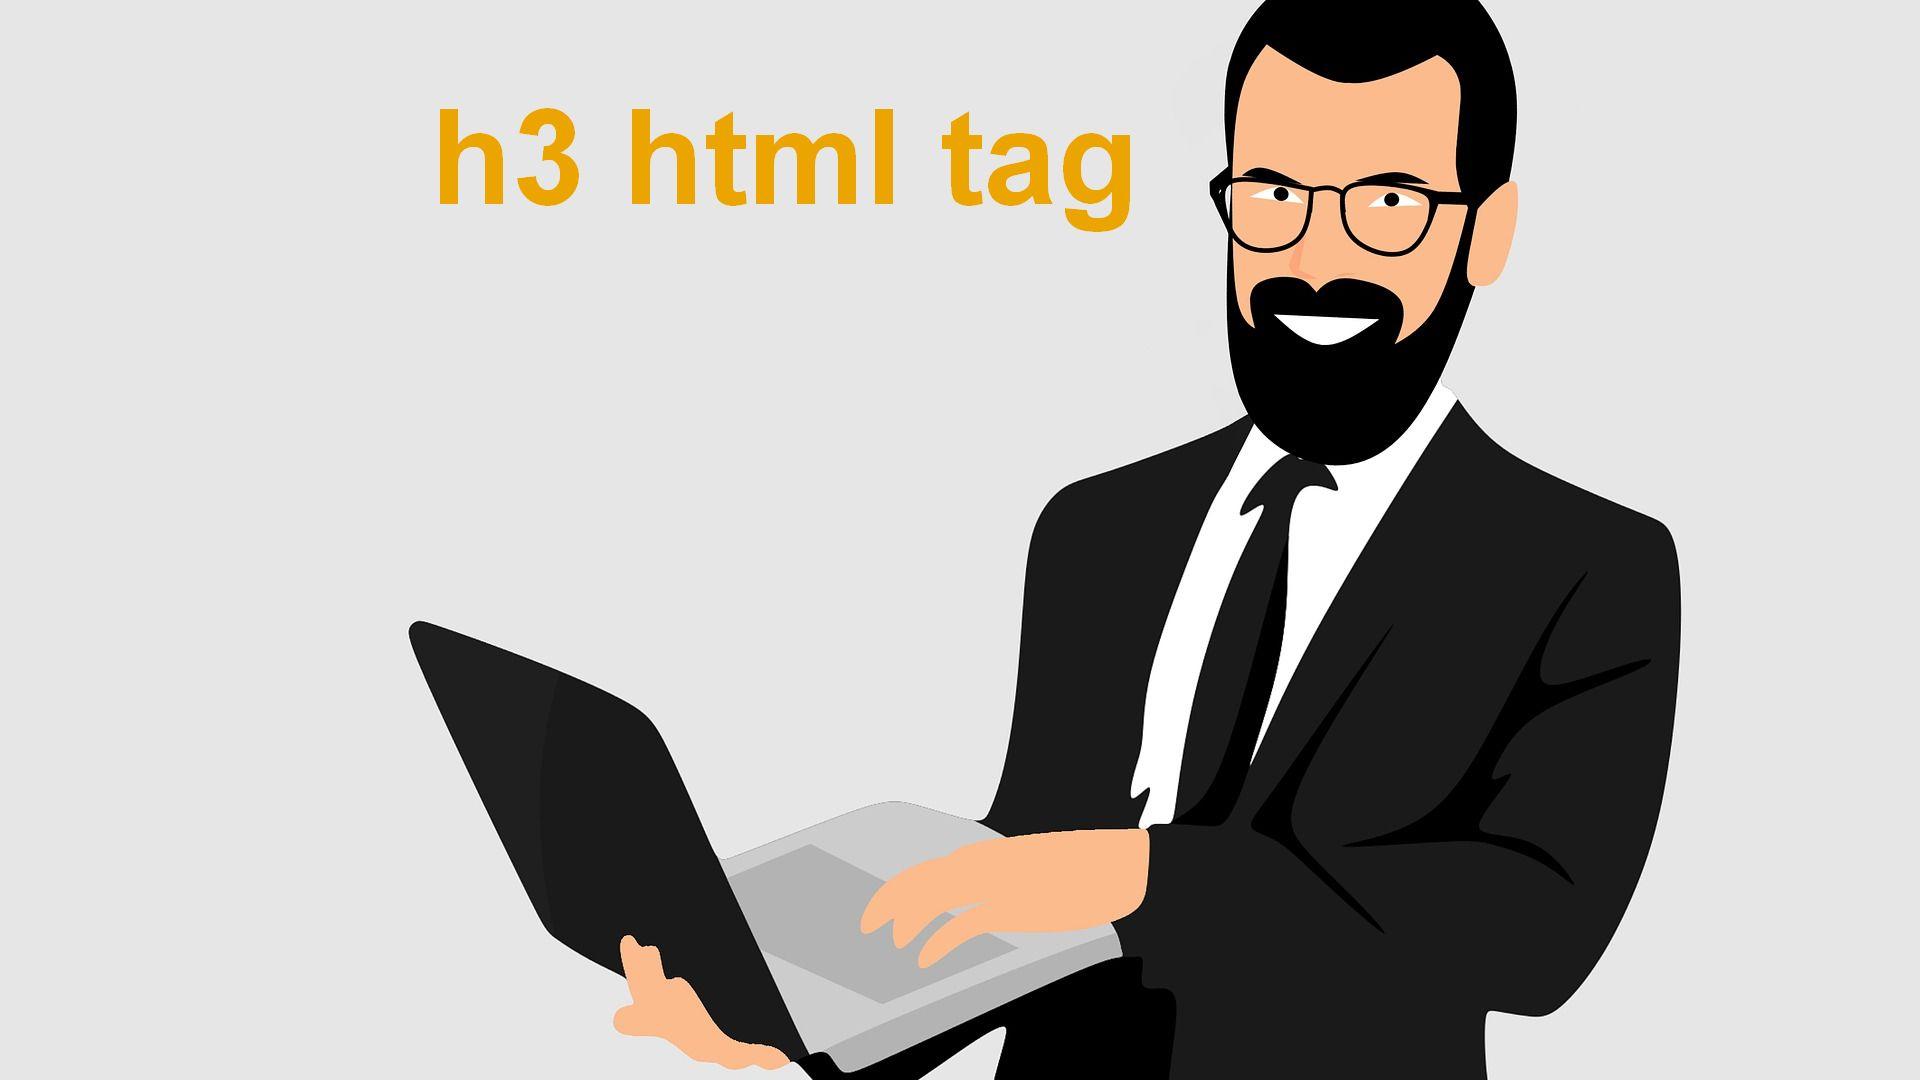 h3 html tag